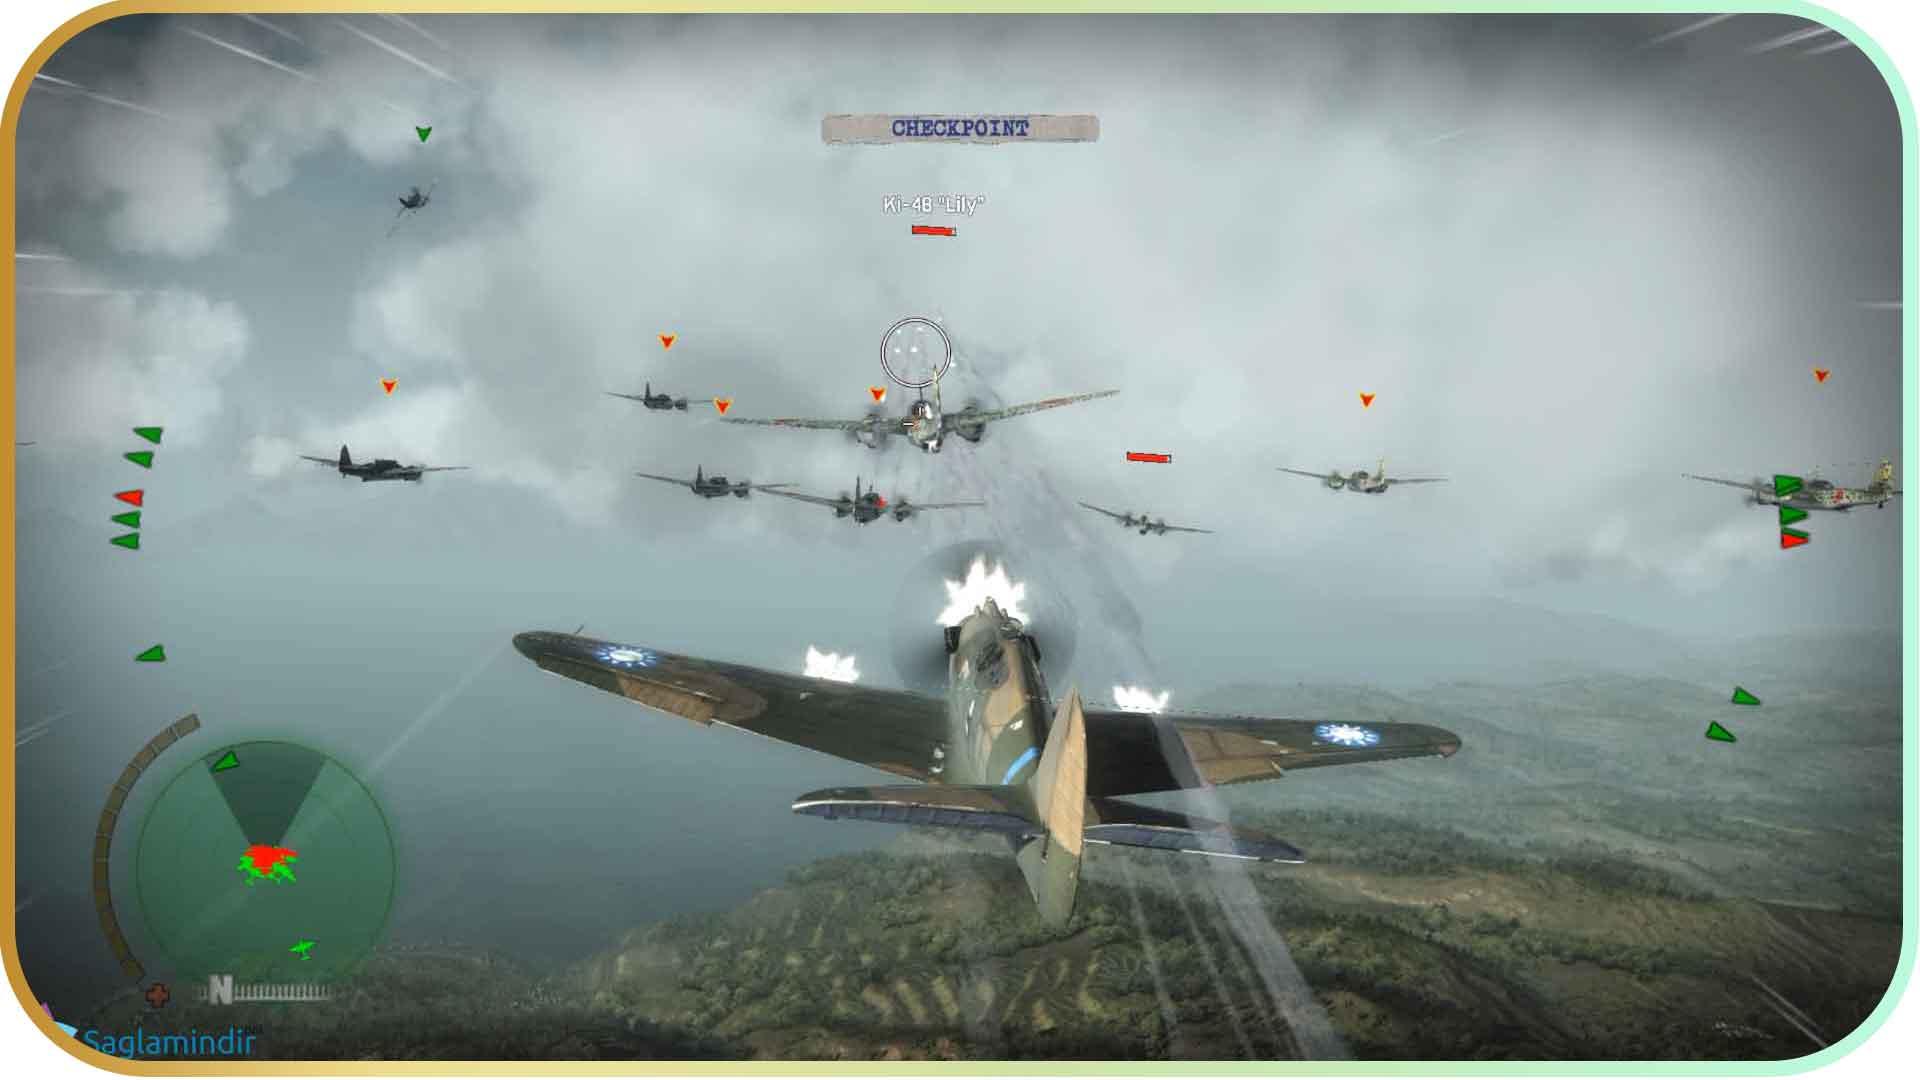 Flying Tigers Shadows Over China saglamindir